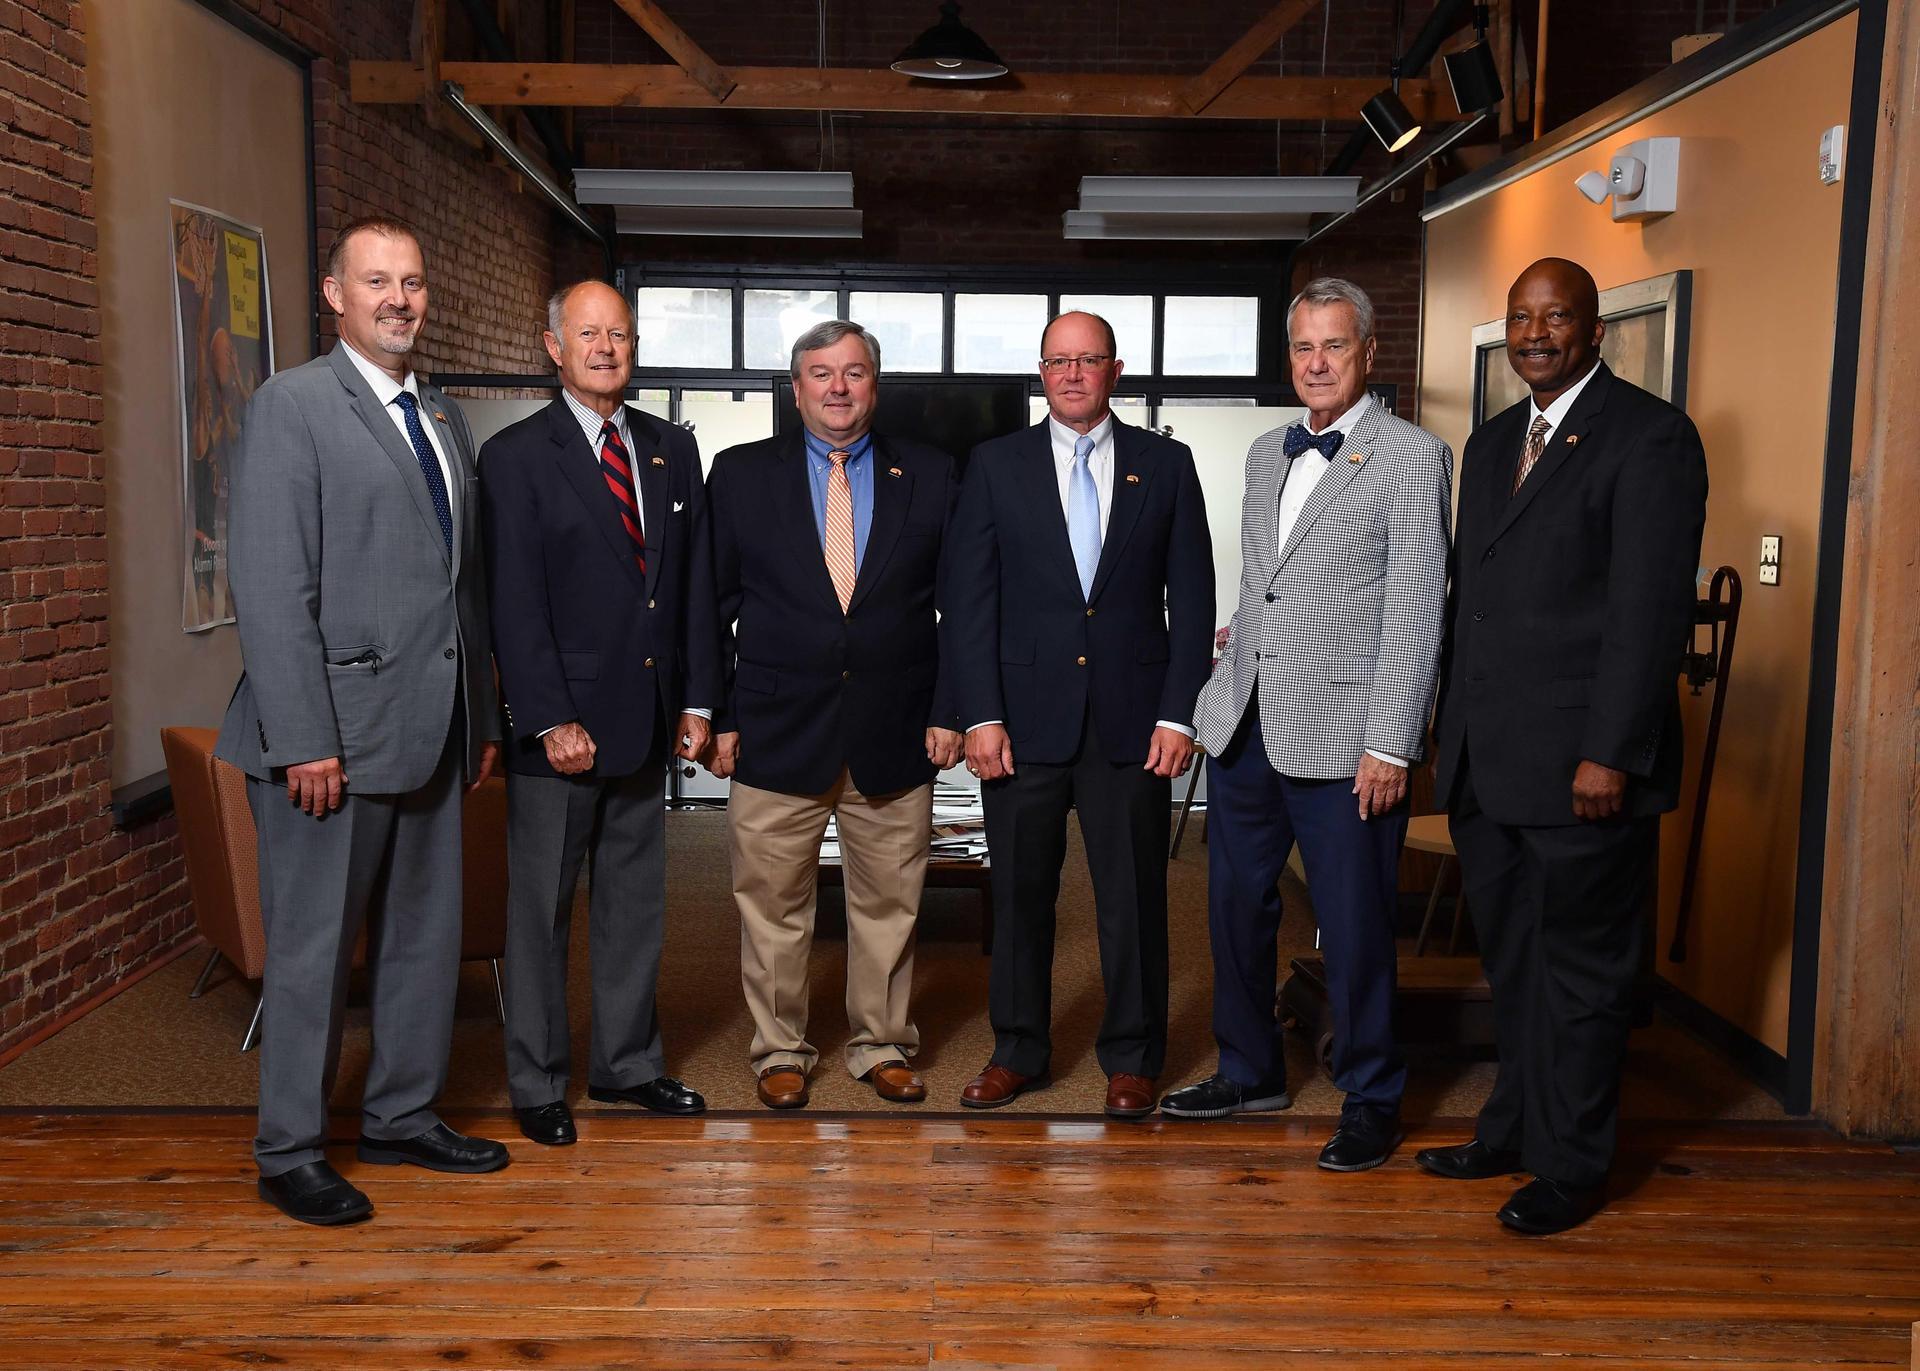 2020 BVPS School Board Members